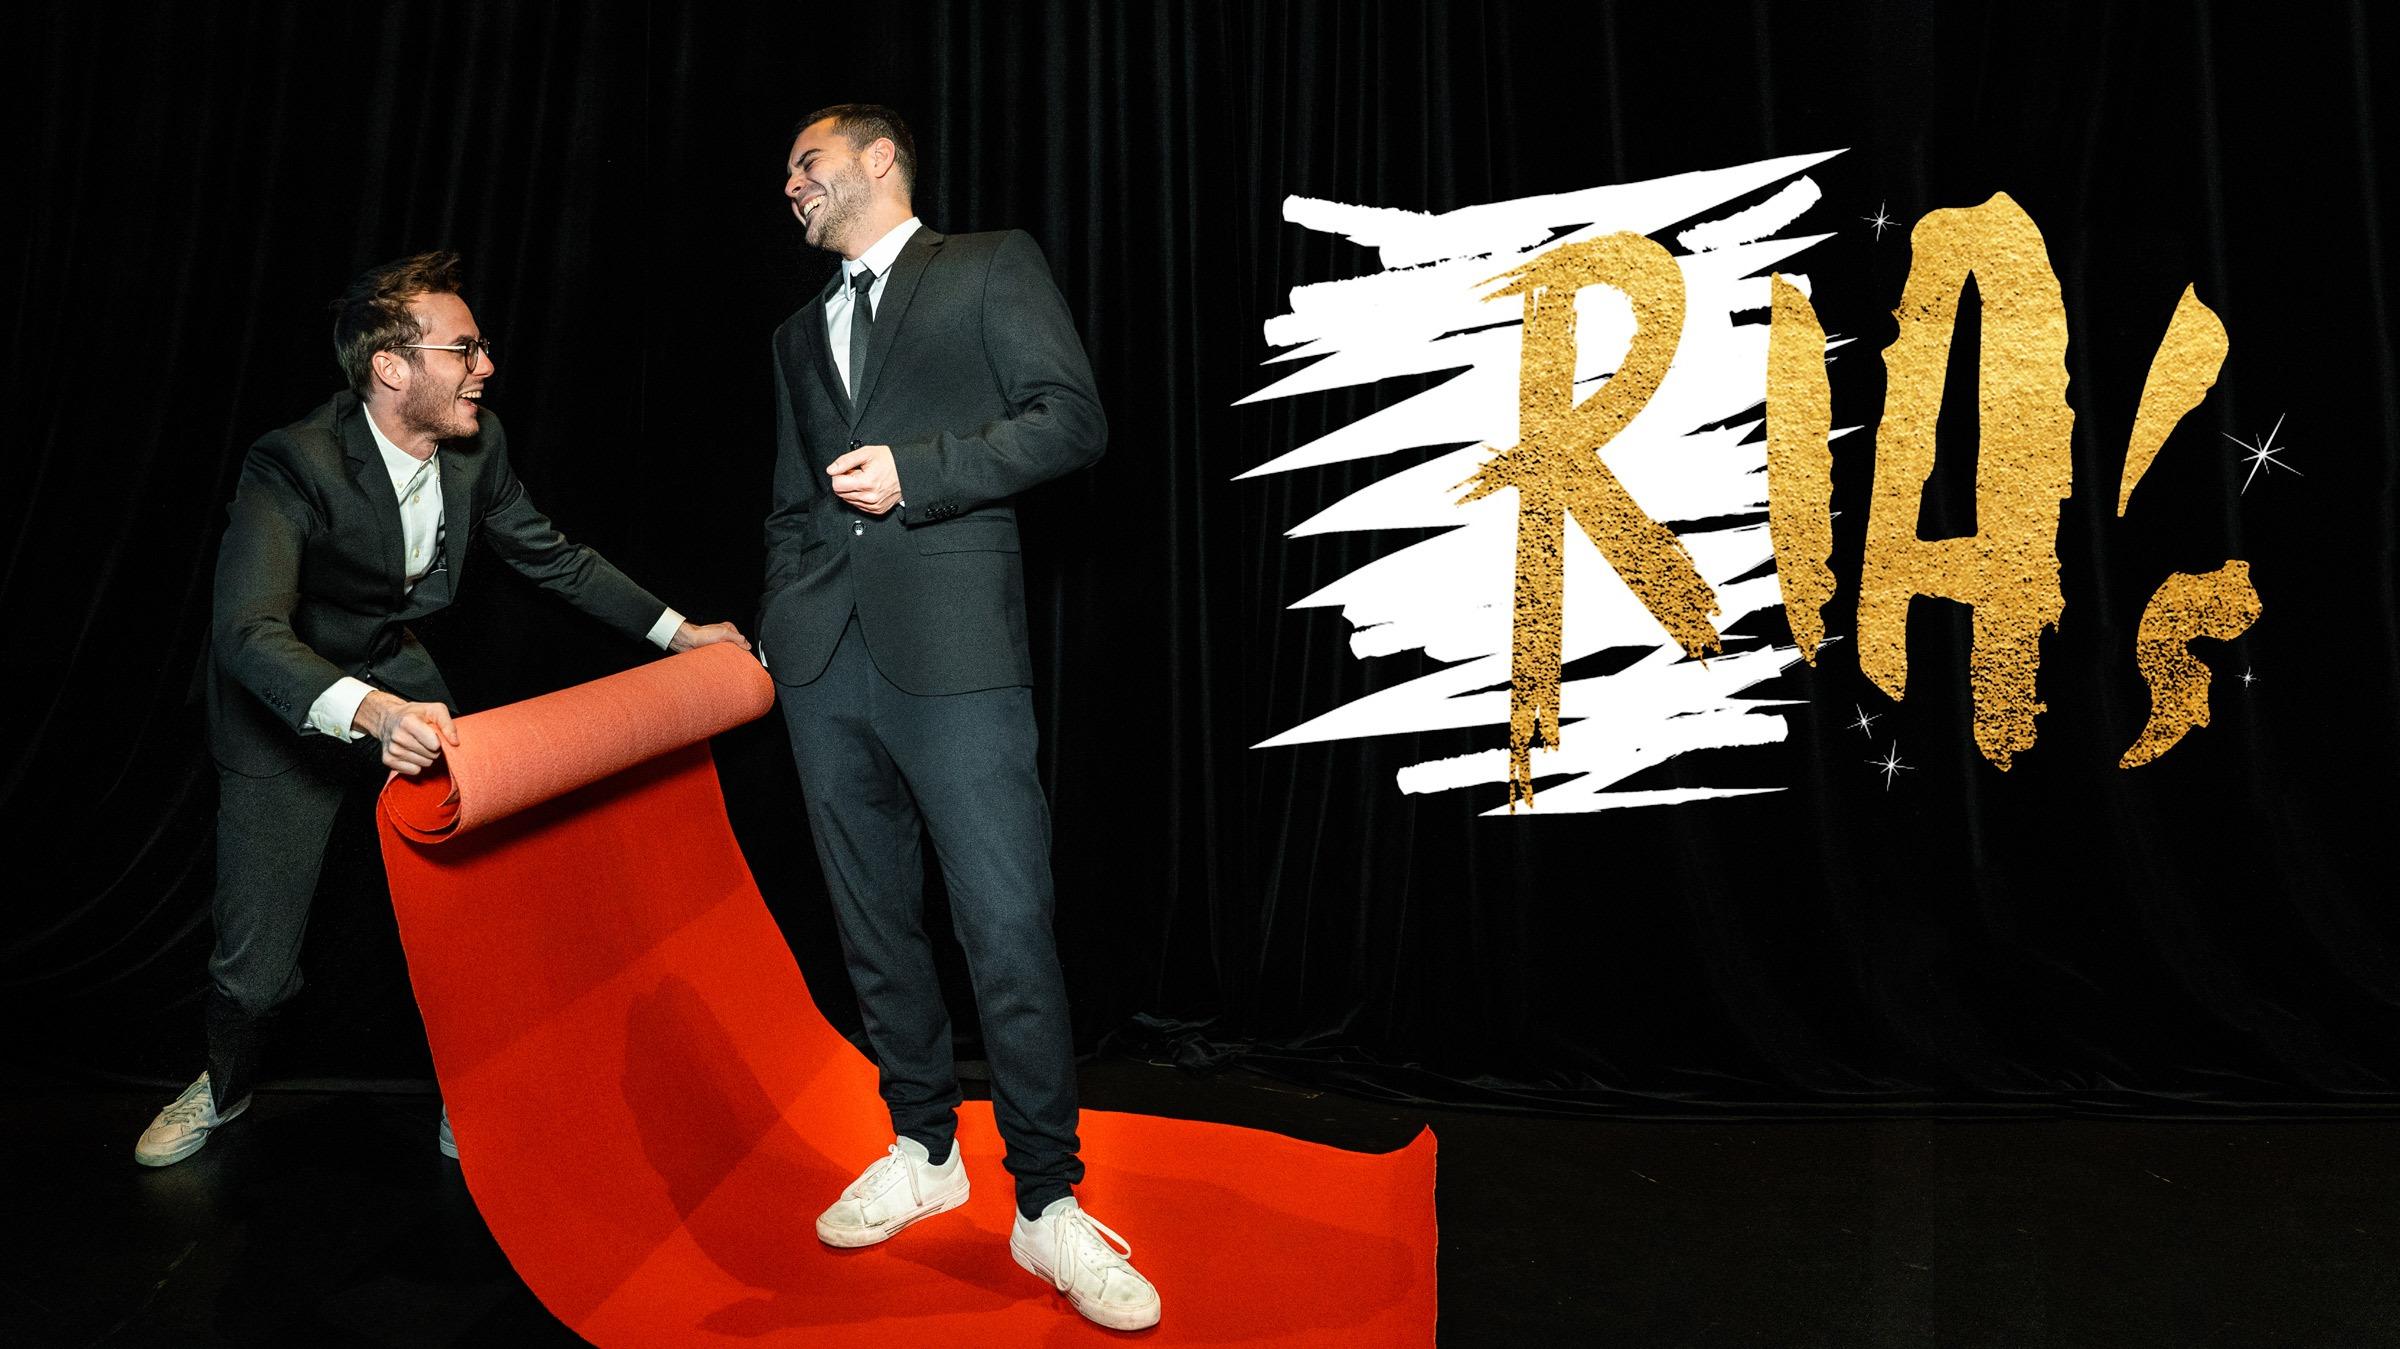 Ria s website